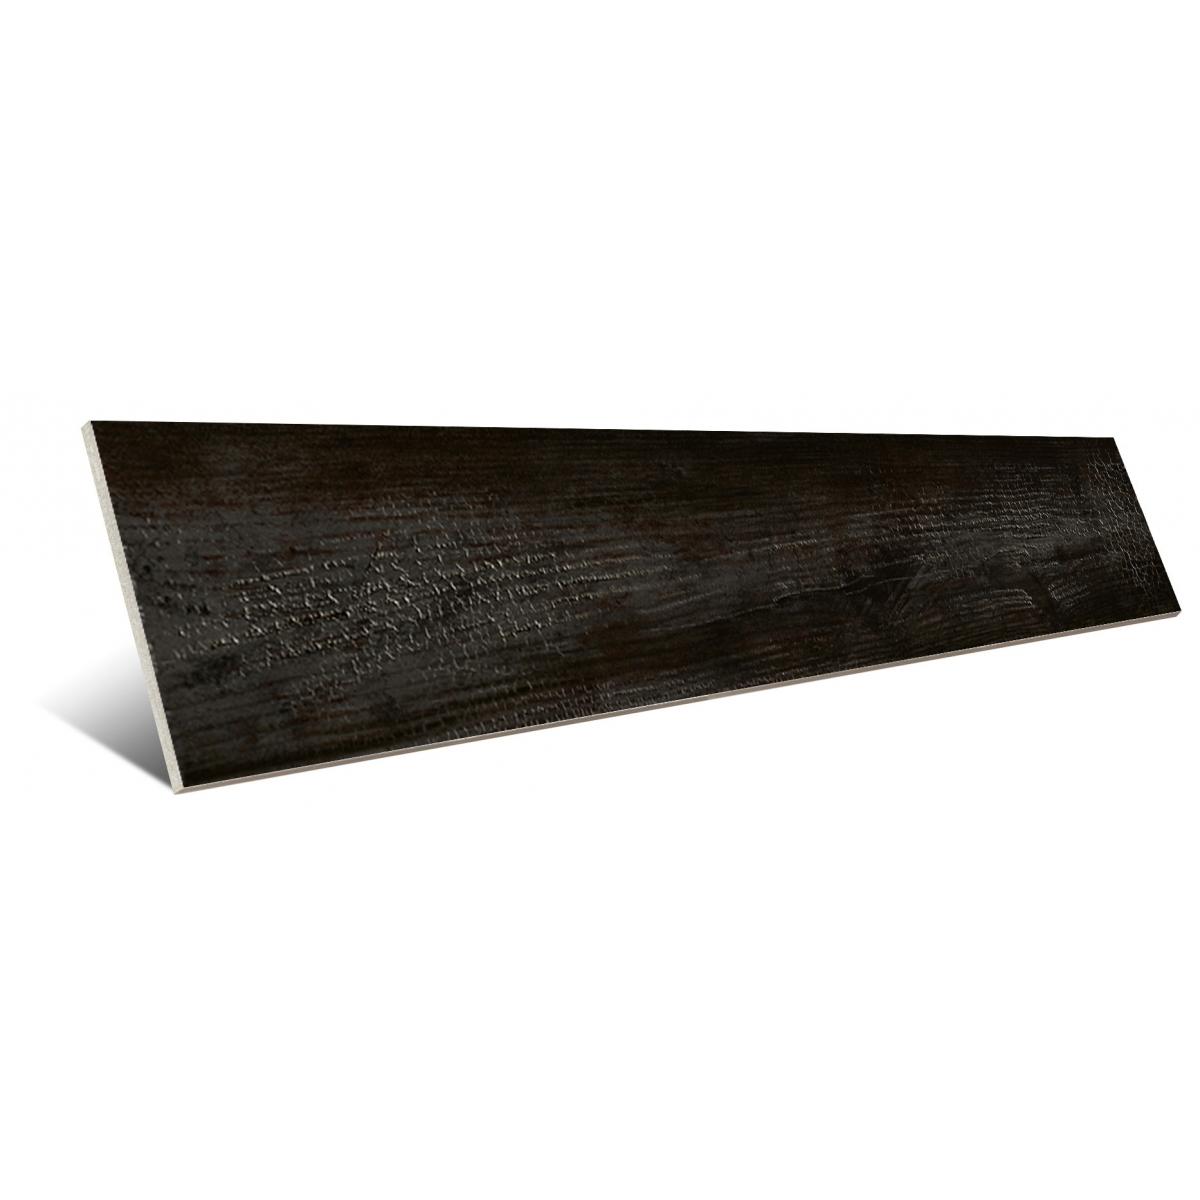 Okinawa Carbon 19,2x119,3 (caja 0,92 m2)